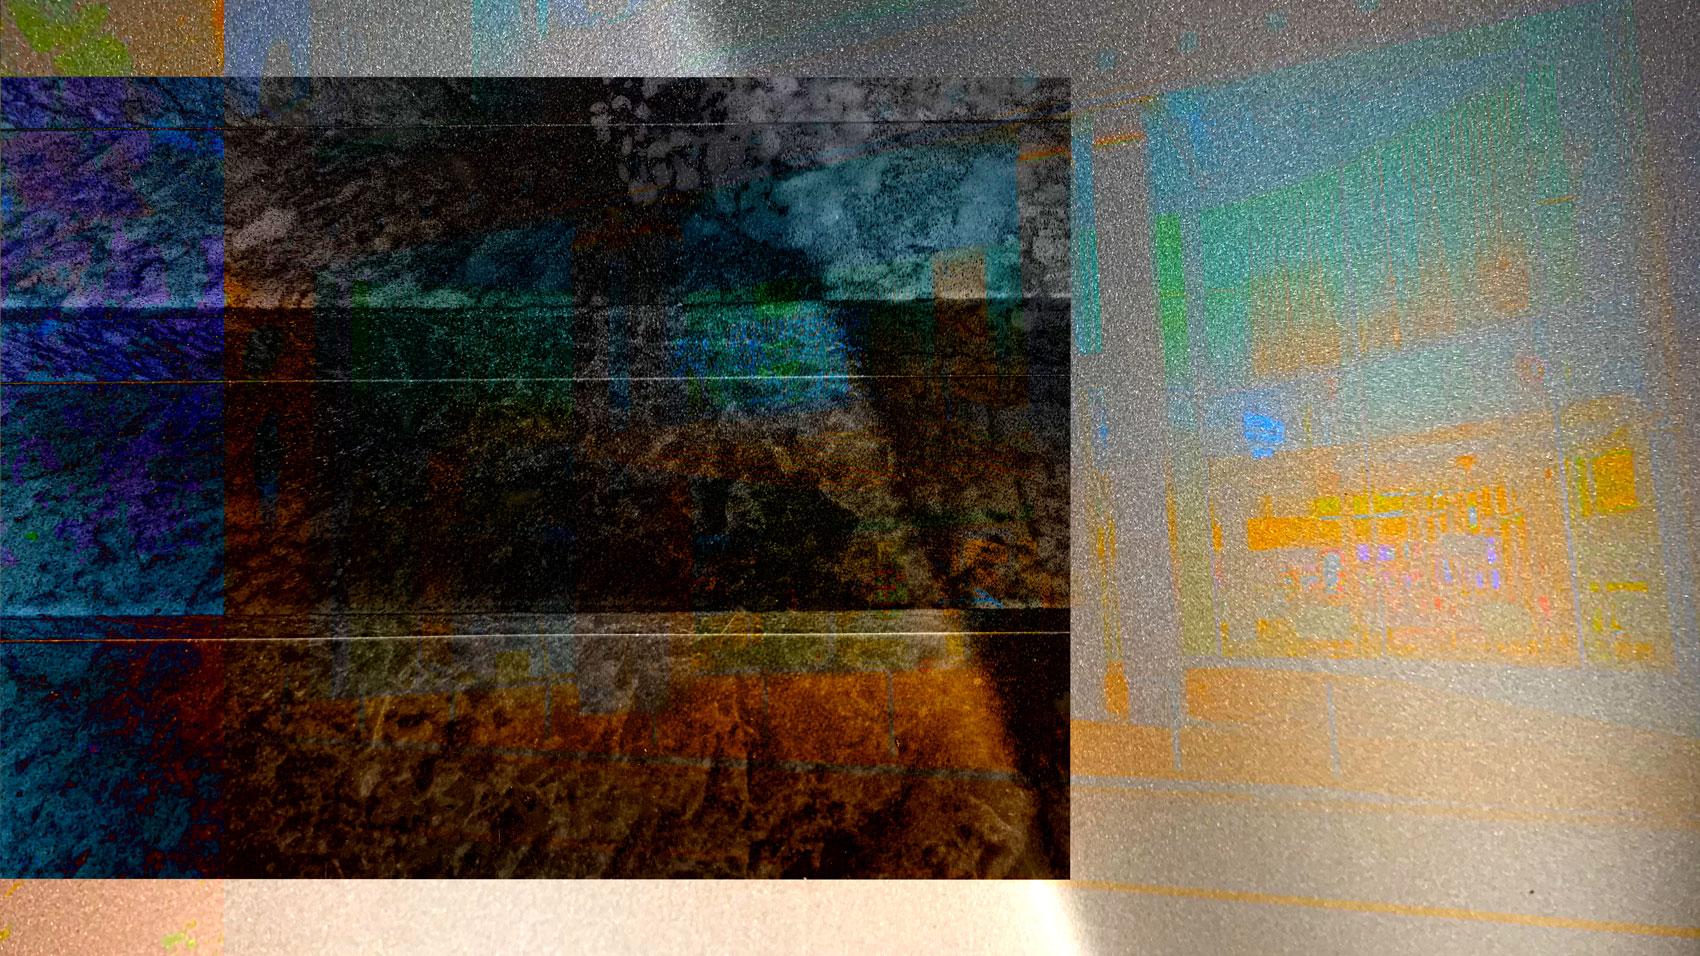 Clouds • 80 x 45 cm (17.71 x 31.49 in)